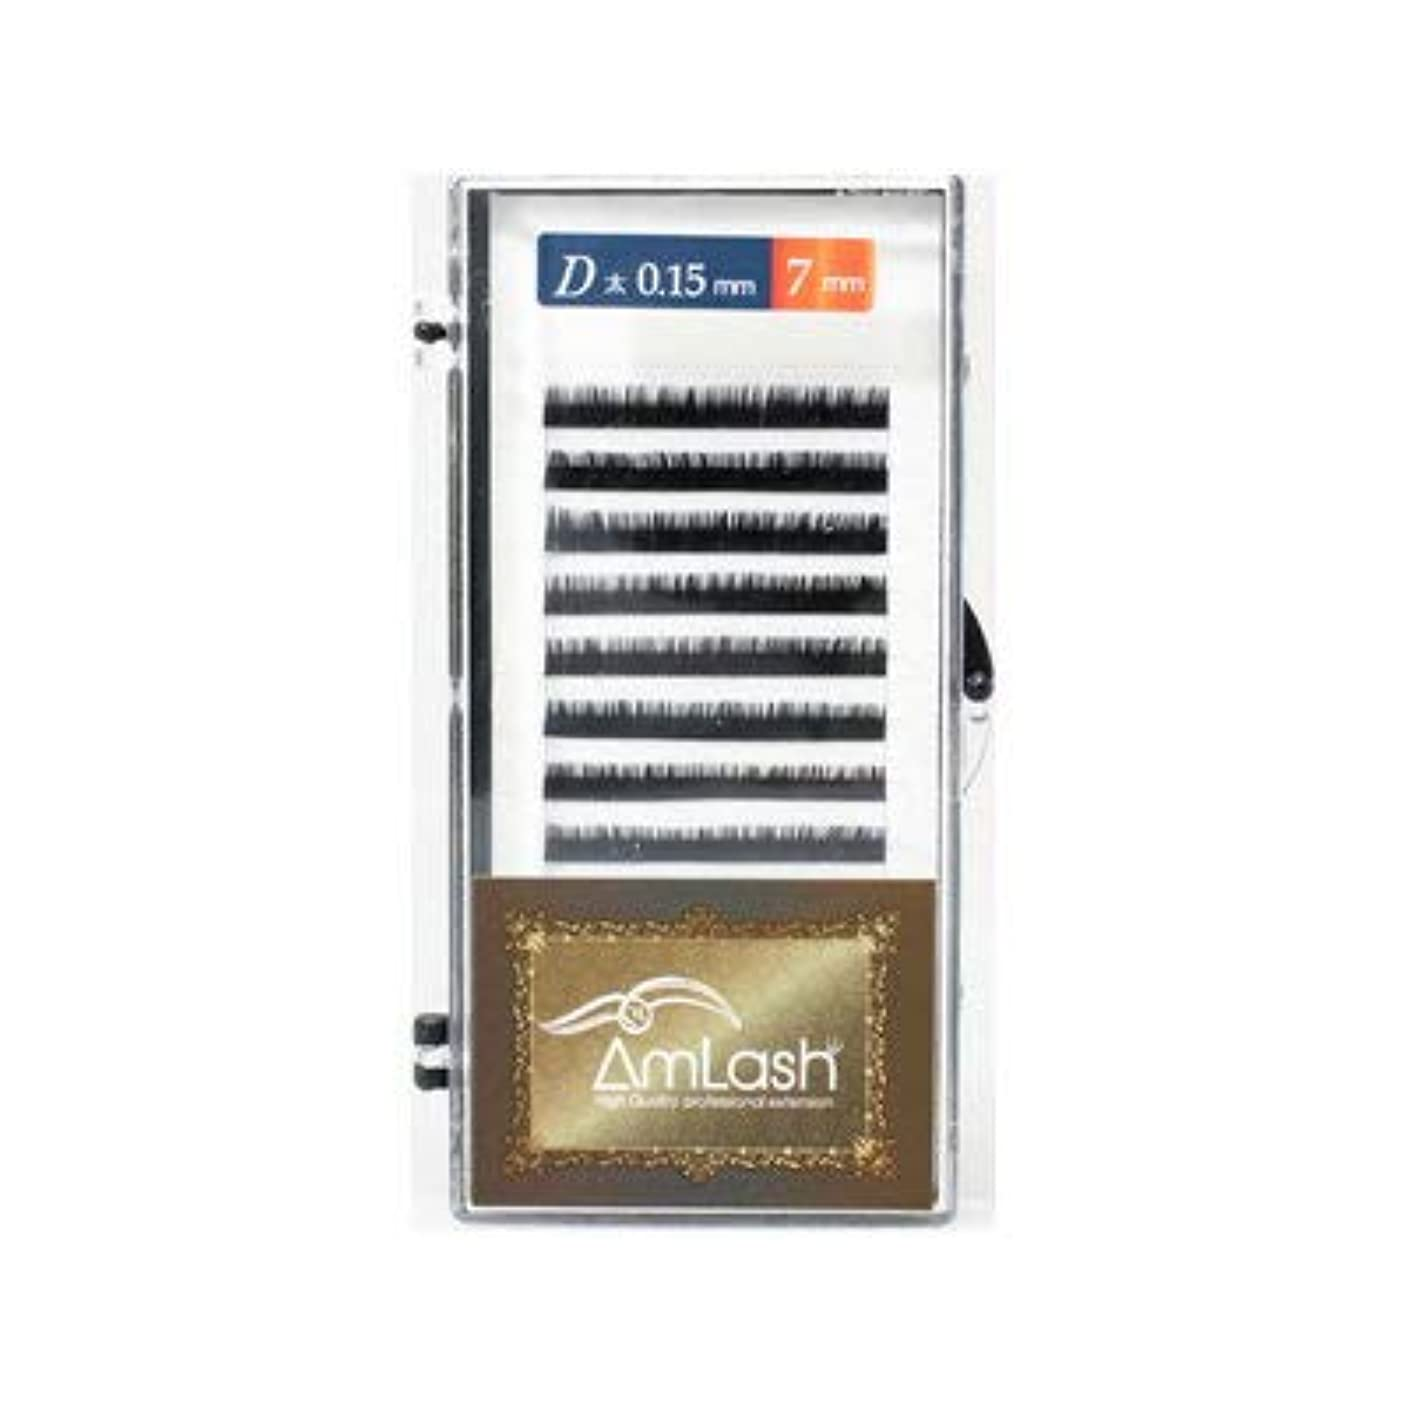 部分的にアンドリューハリディ食堂Amlash(アムラッシュ)ハイクオリティエクステ Dカール 0.15mm×7mm